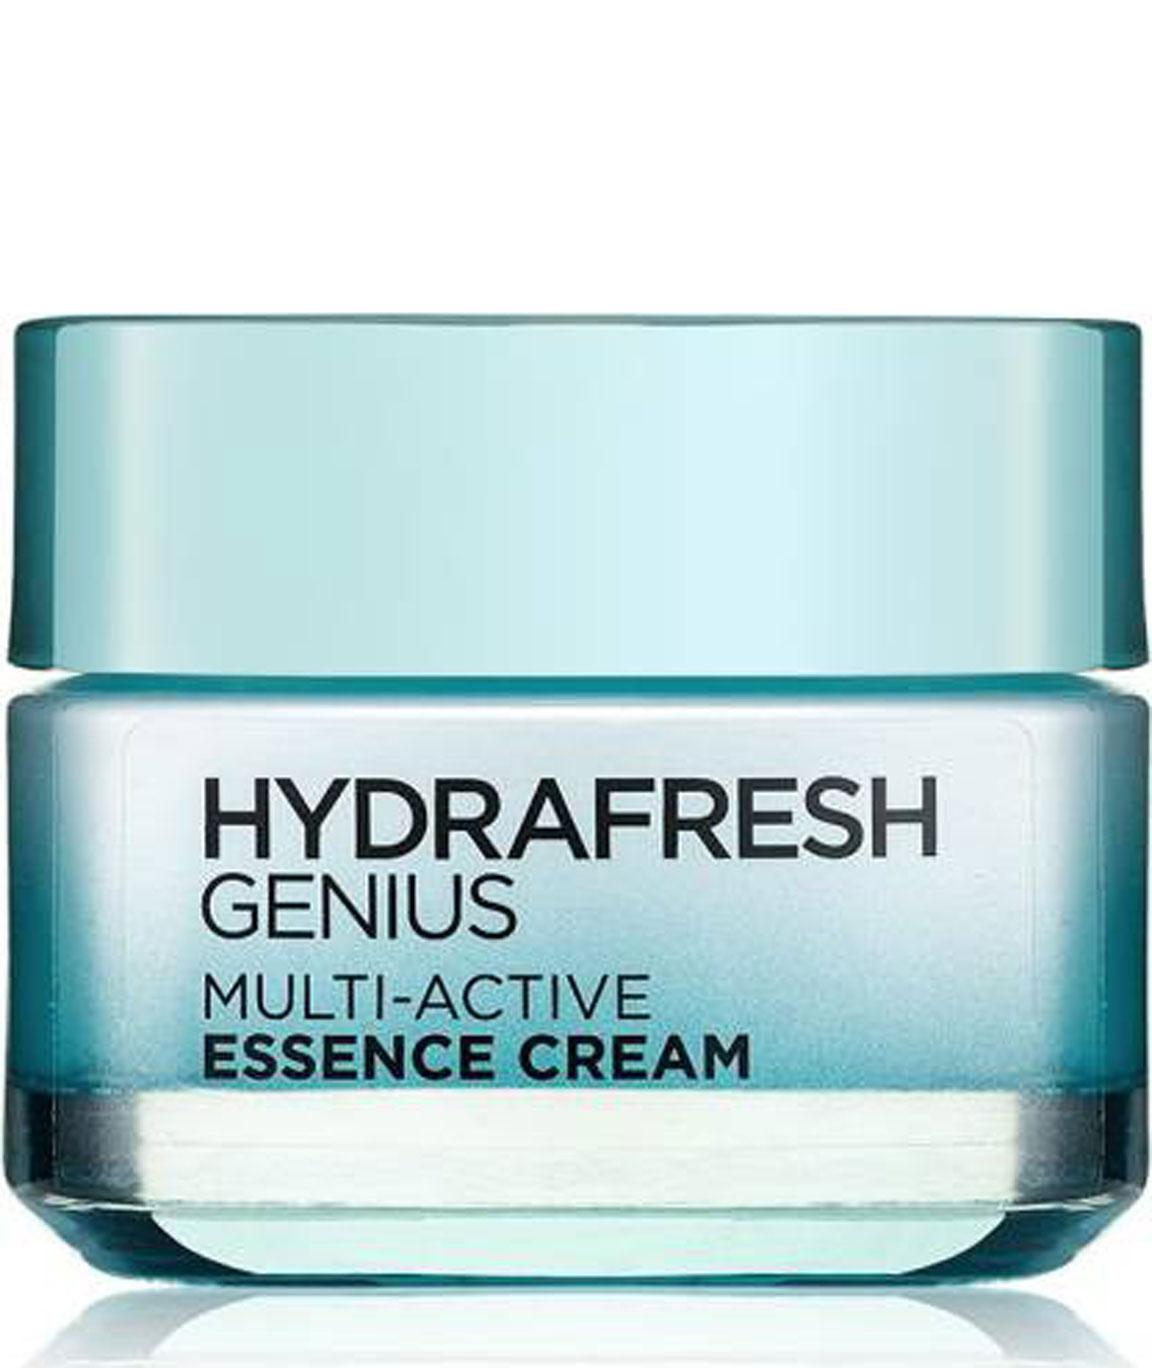 L`Oreal Paris Hydrafresh Genius Multi-Active Essence Cream, 50ml